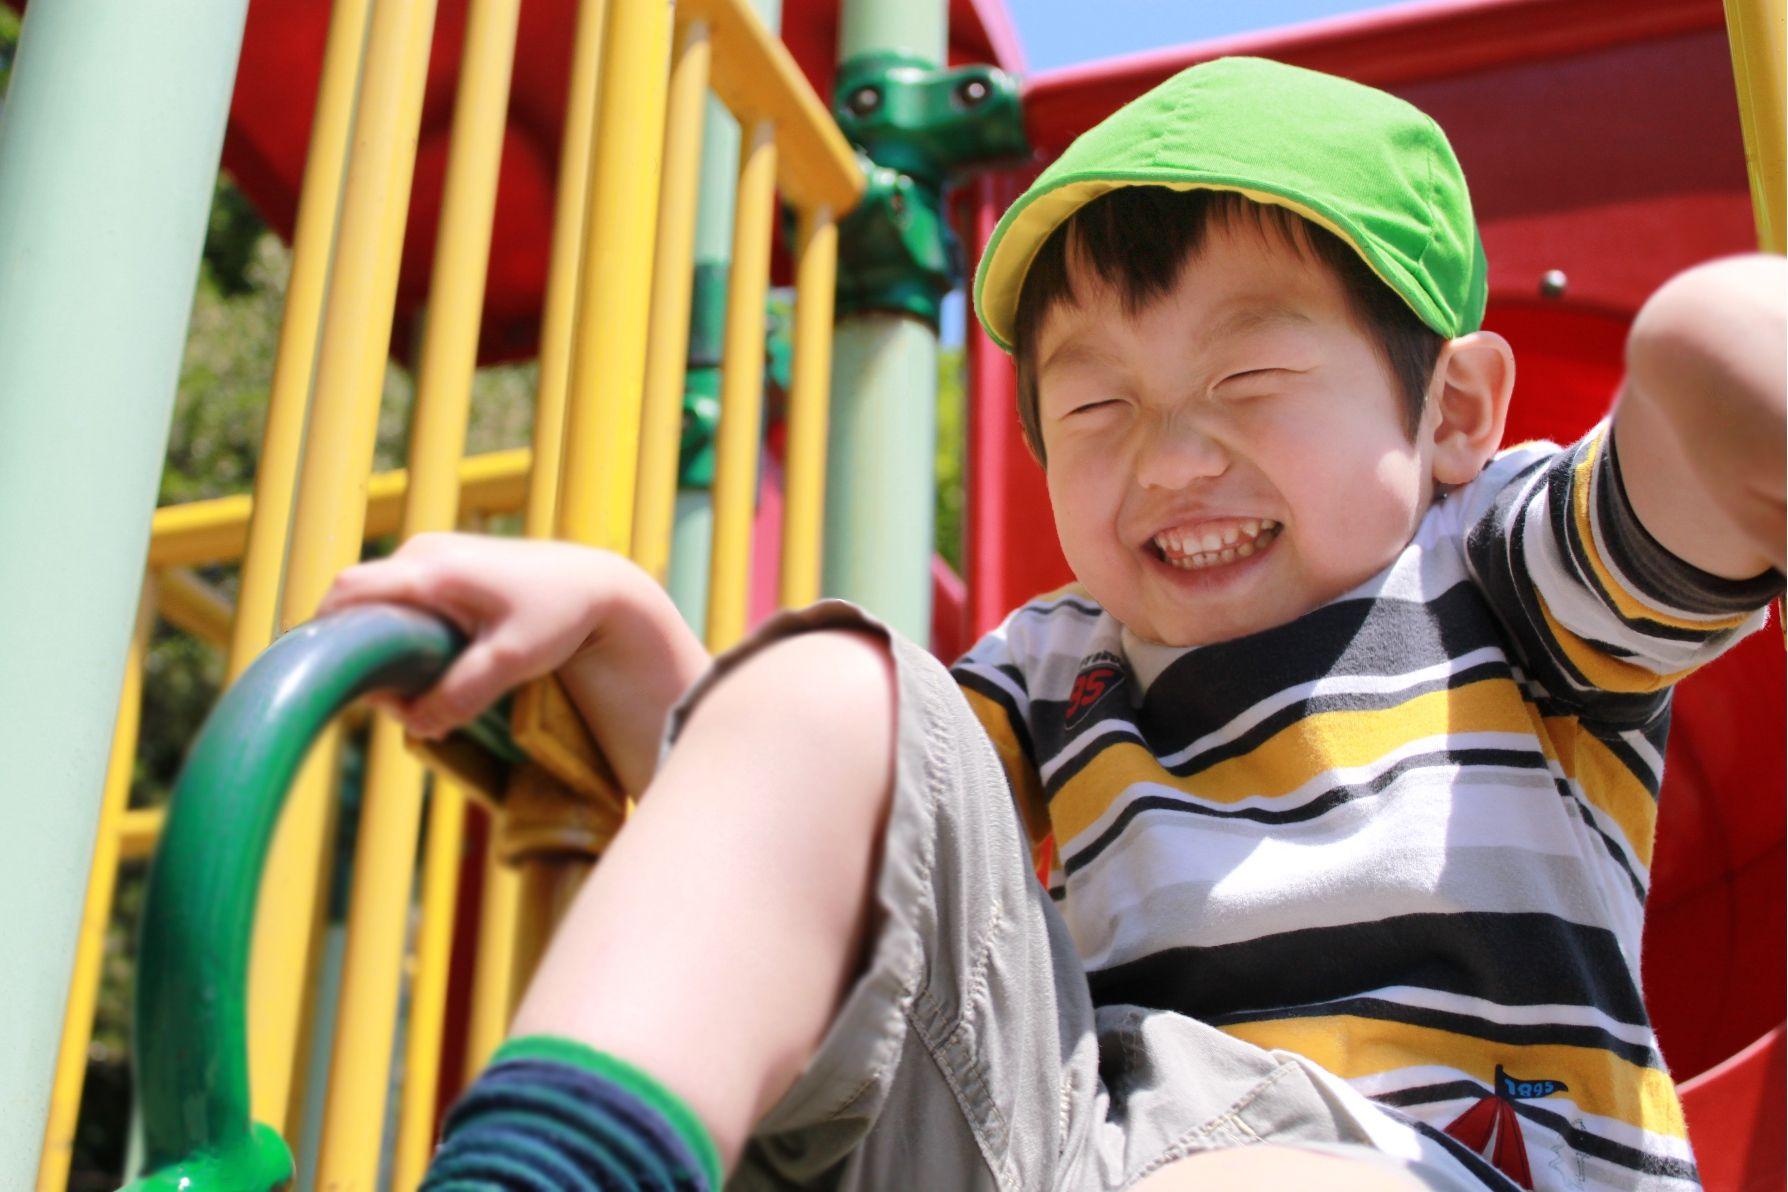 【2018年4月開園予定】天然木の優しいぬくもりある保育園!子ども達の笑顔に囲まれながらお仕事しませんか?日祝はお休み♪